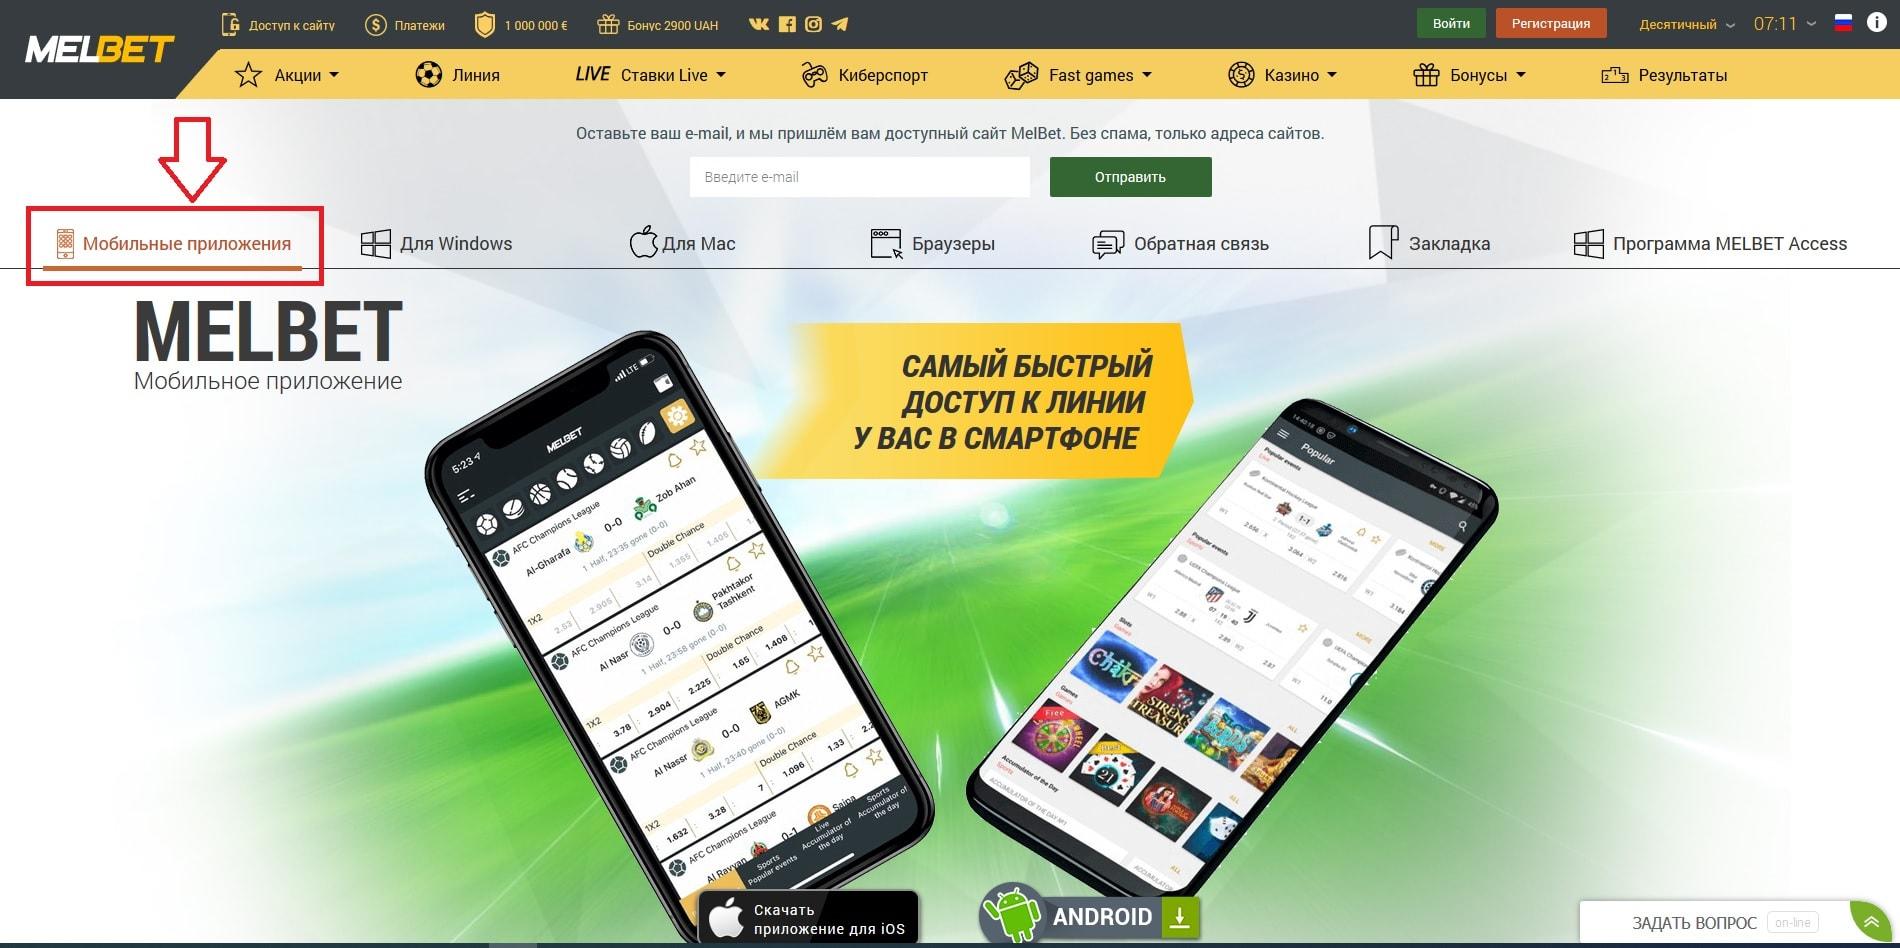 мобильные приложения на официальном сайте